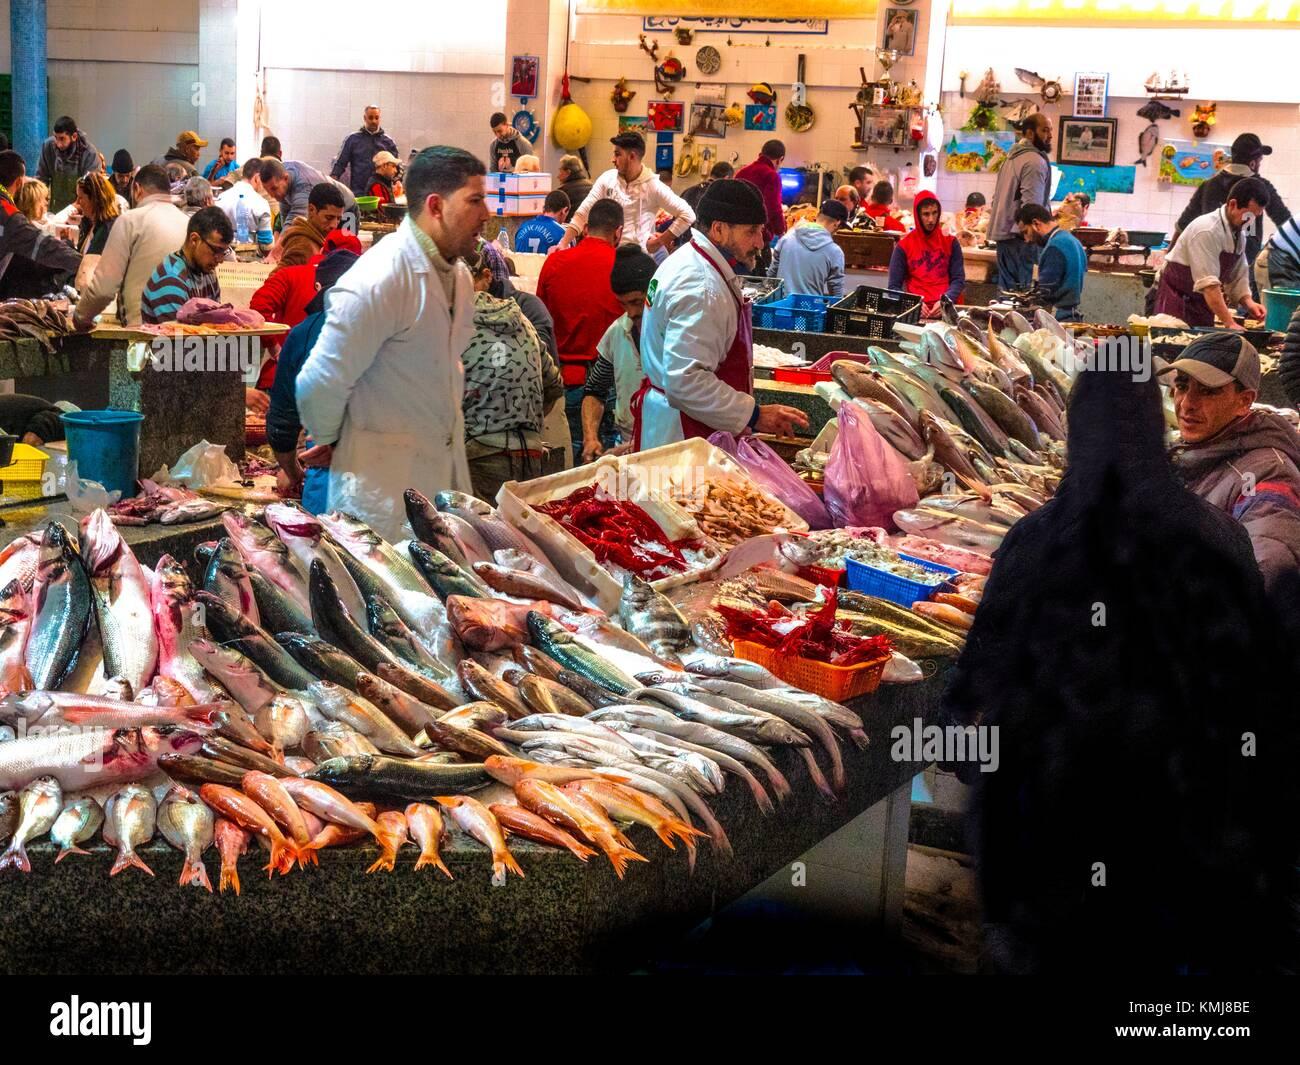 Marruecos, Tánger, mercado de pescado en Tánger. Imagen De Stock